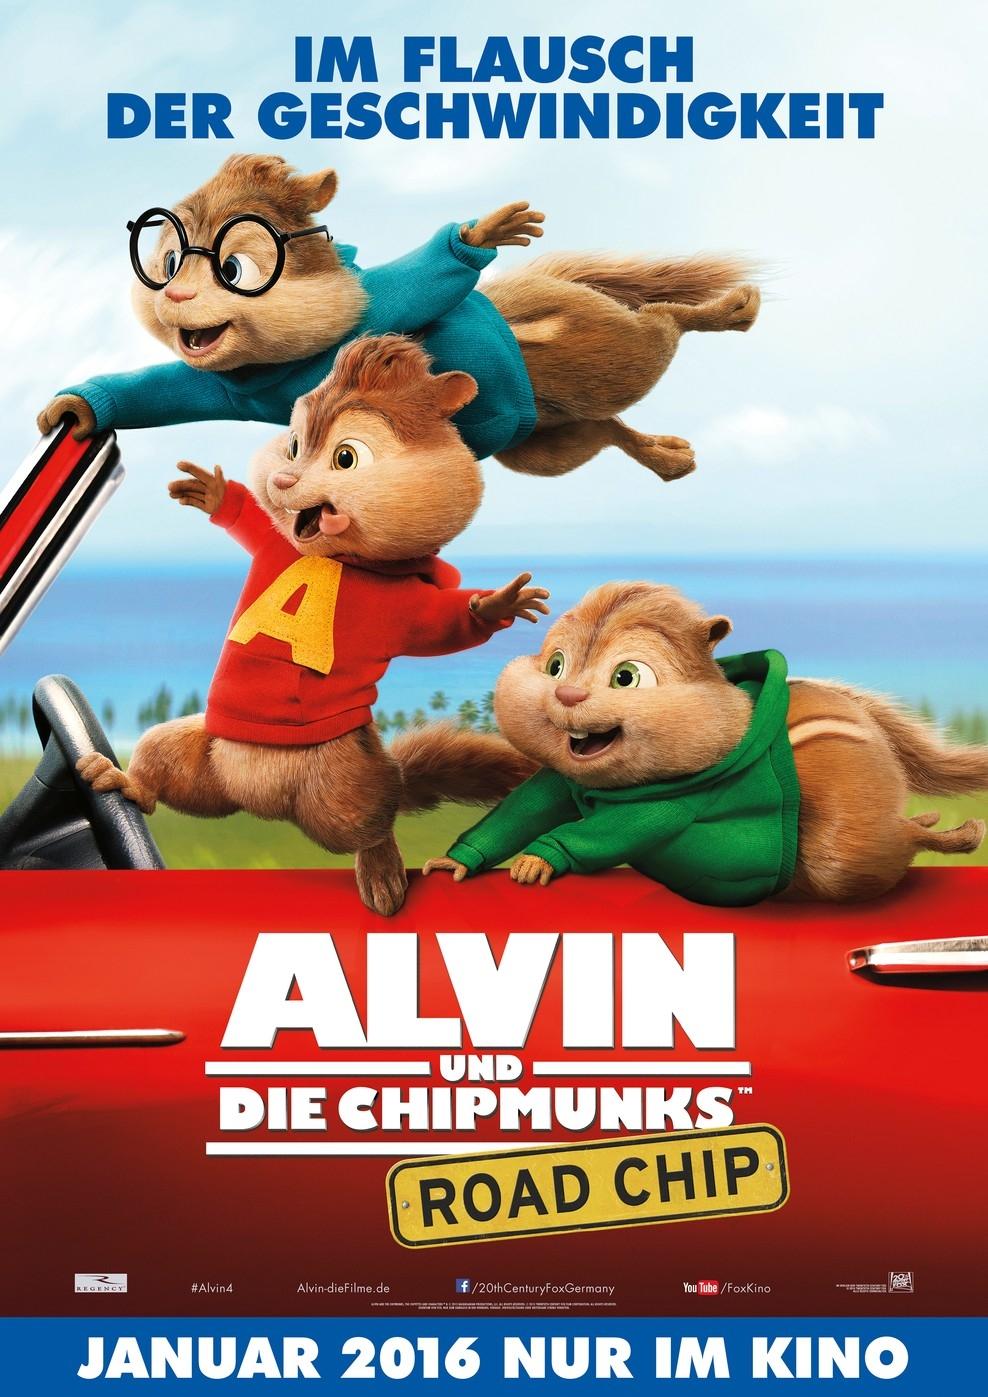 Alvin und die Chipmunks: Road Chip (Poster)